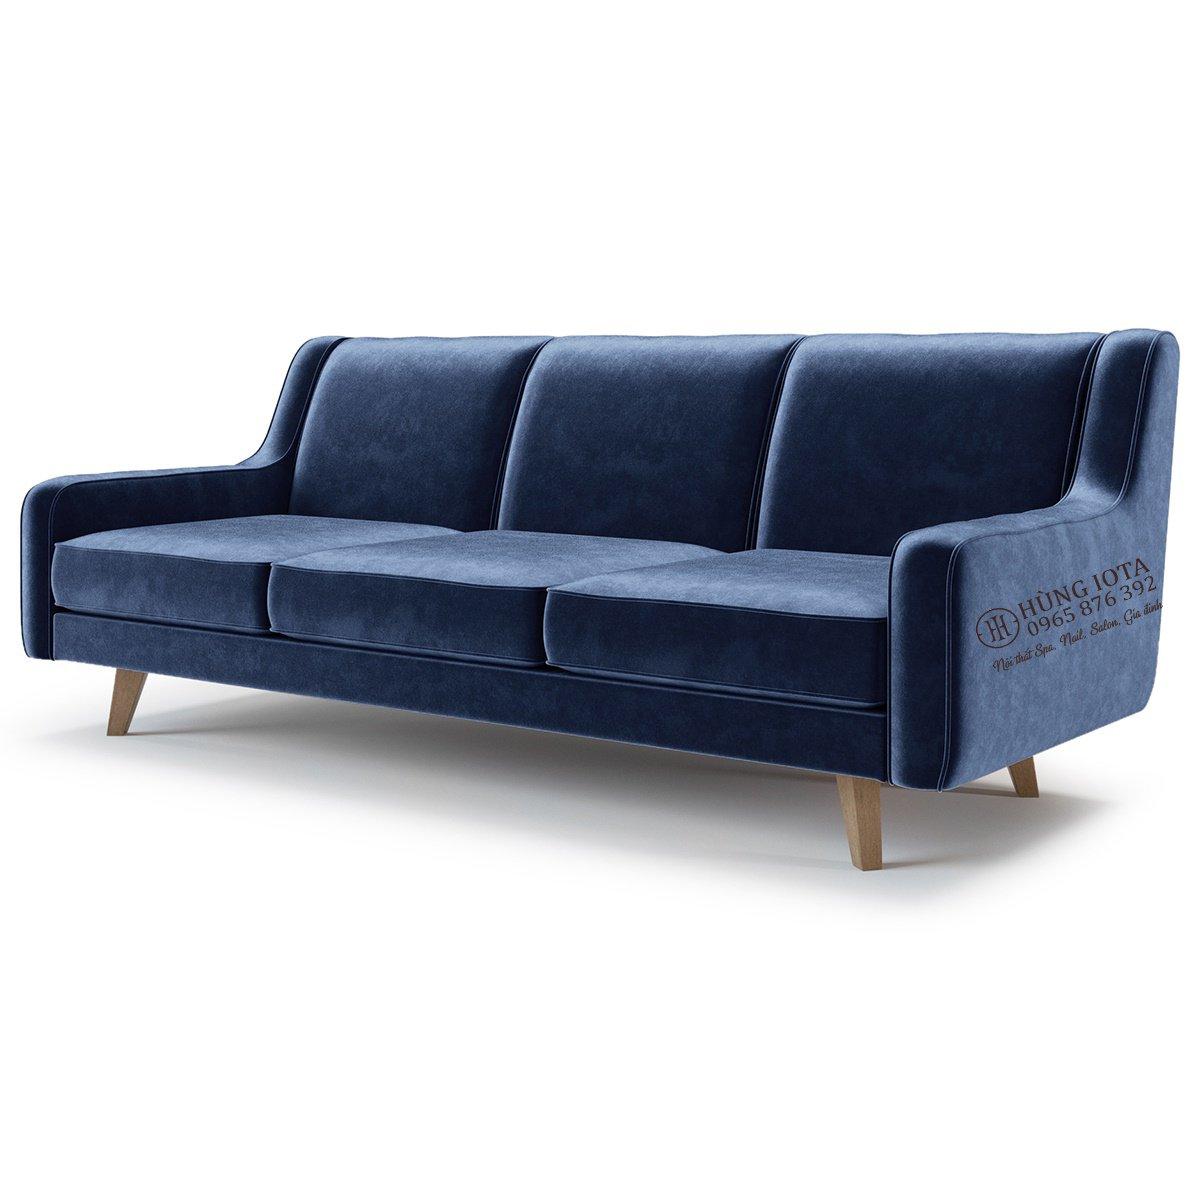 Ghế sofa bọc nhung màu xanh nước biển